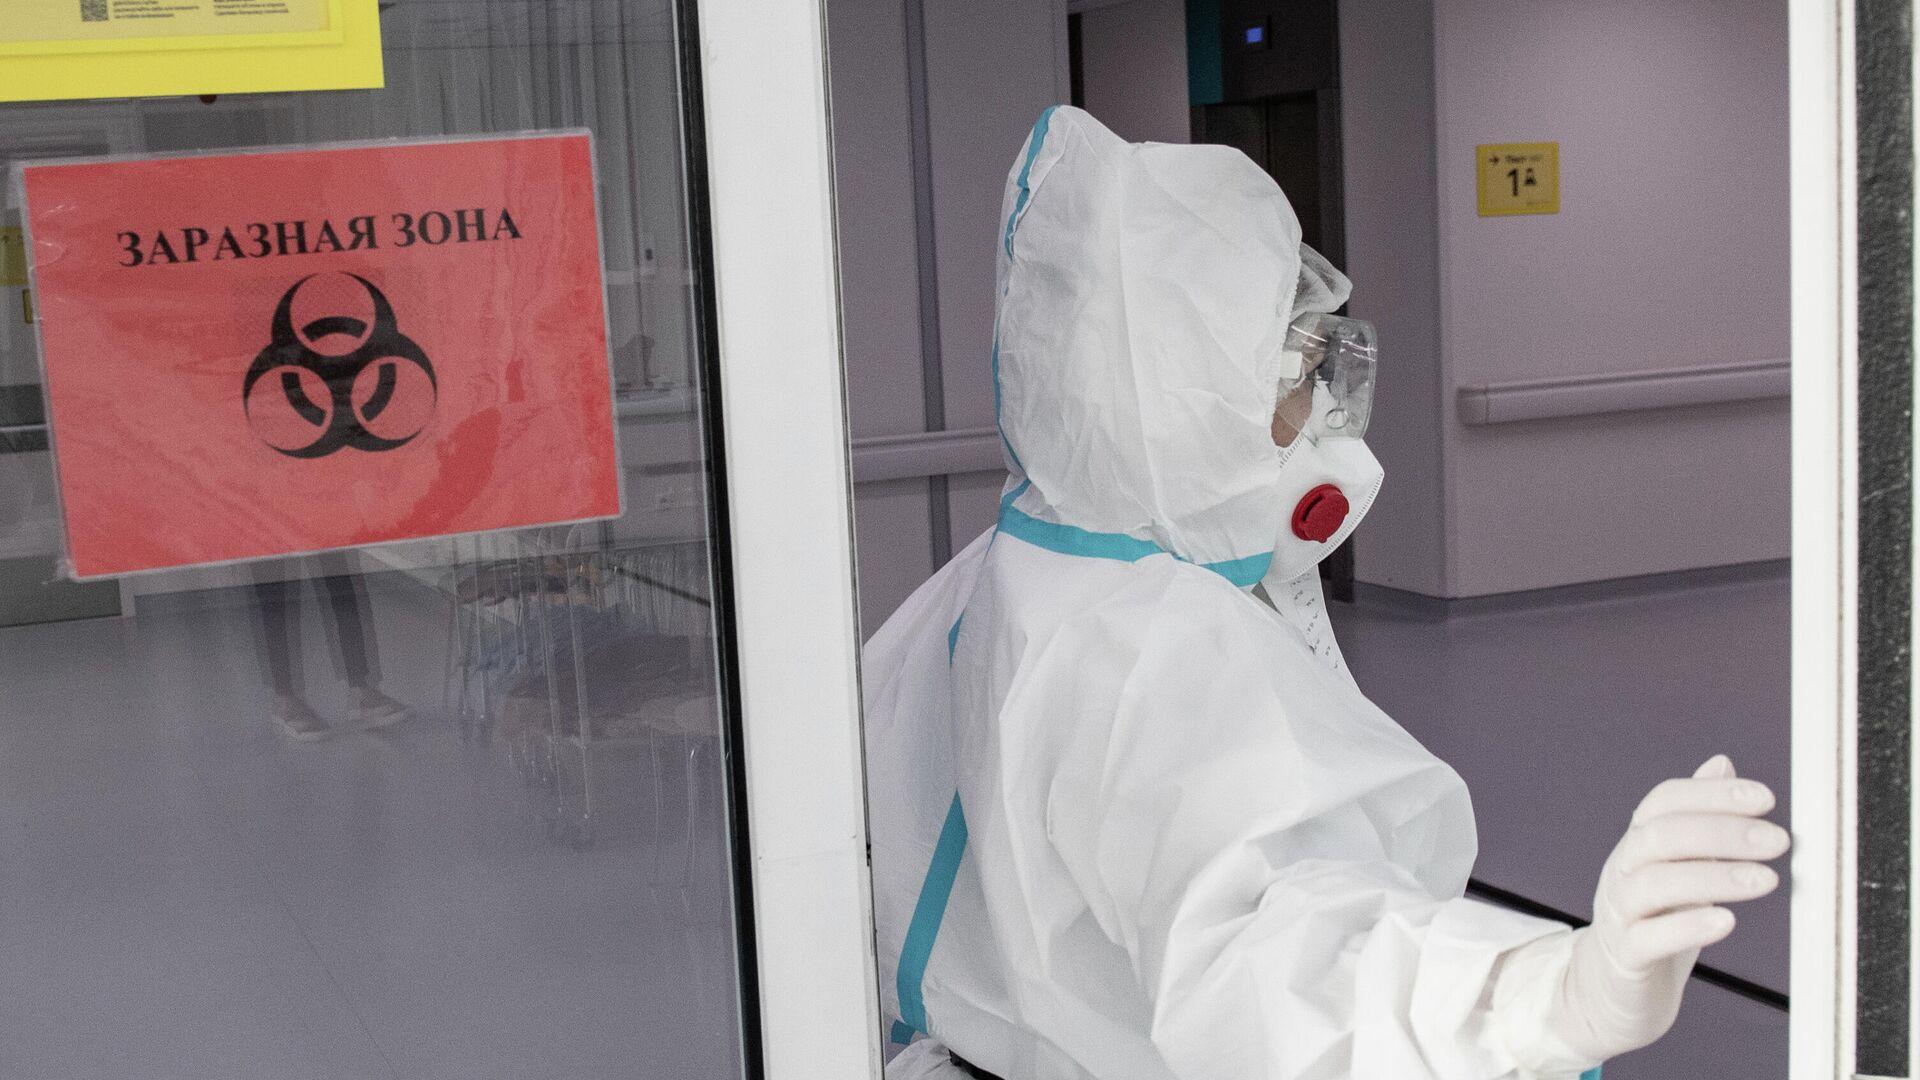 Врач городской клинической больницы №40 в Москве, где проходят лечение больные коронавирусной инфекцией  - РИА Новости, 1920, 08.04.2021